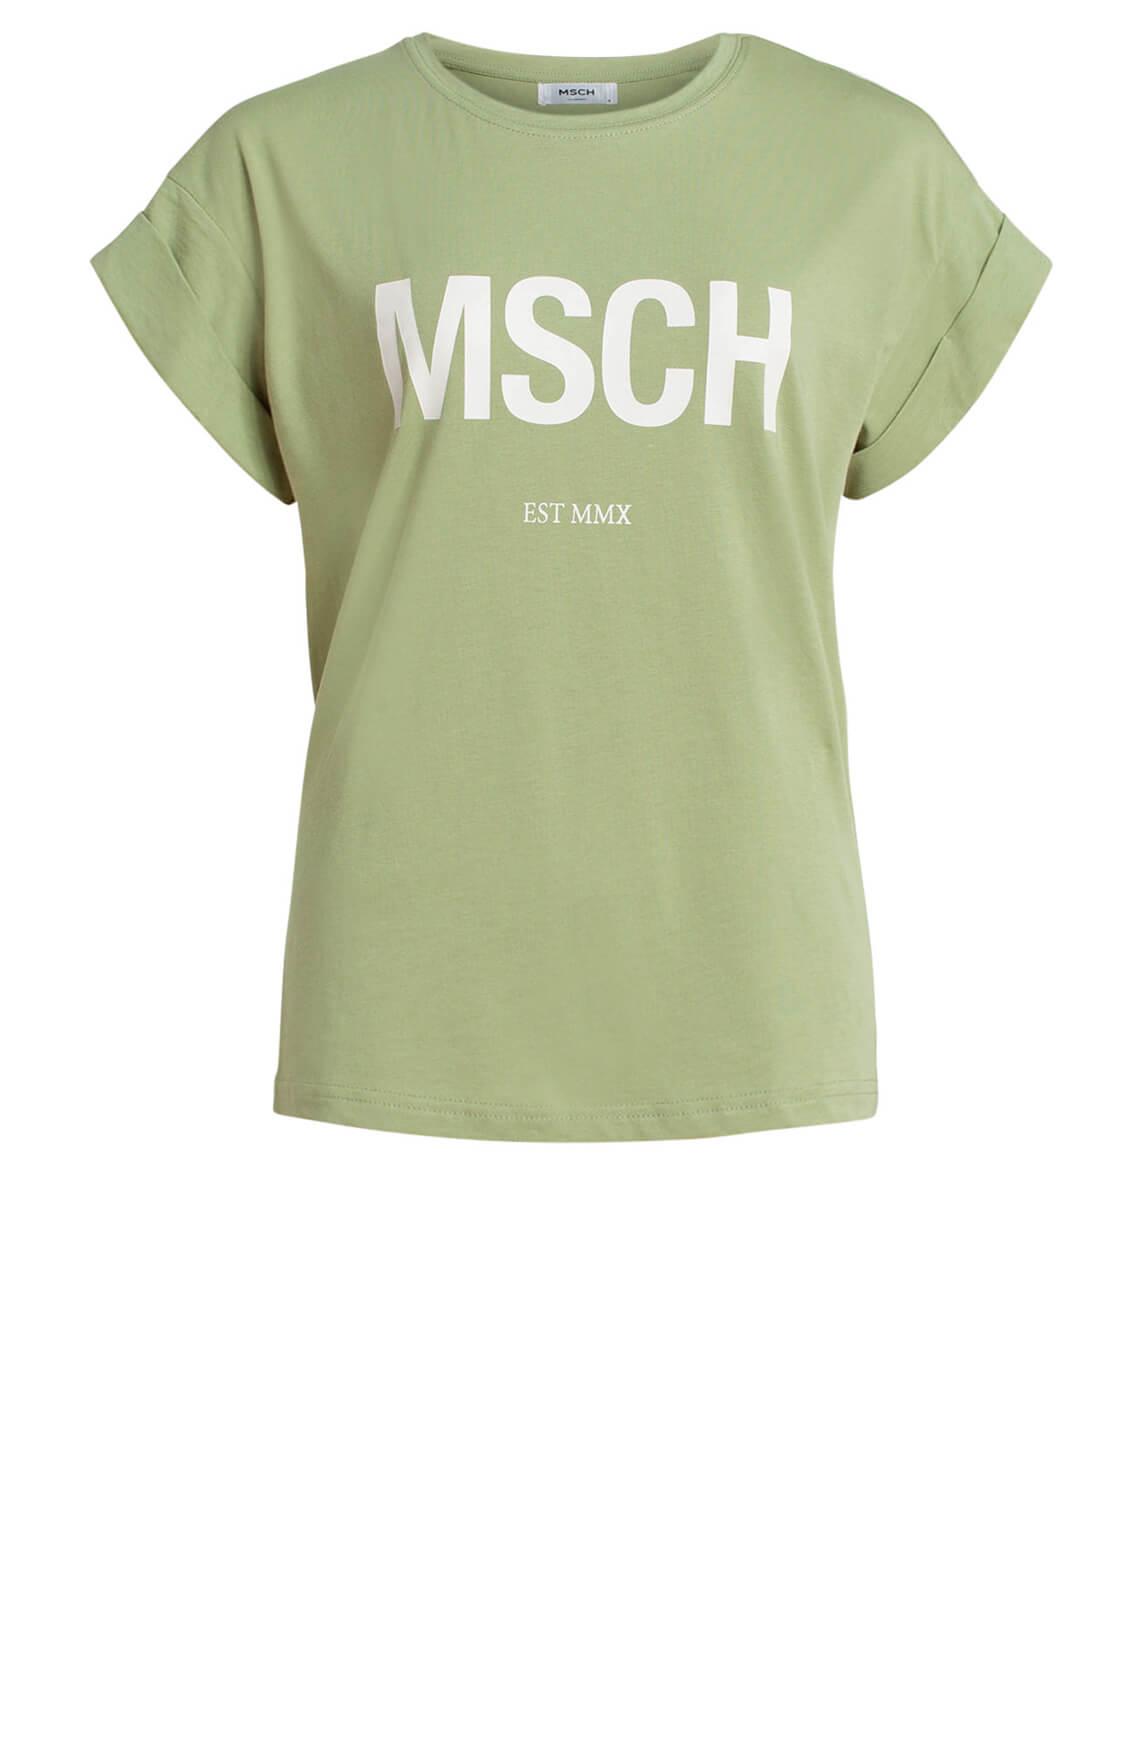 Moss Copenhagen Dames Alva MSCH shirt wit